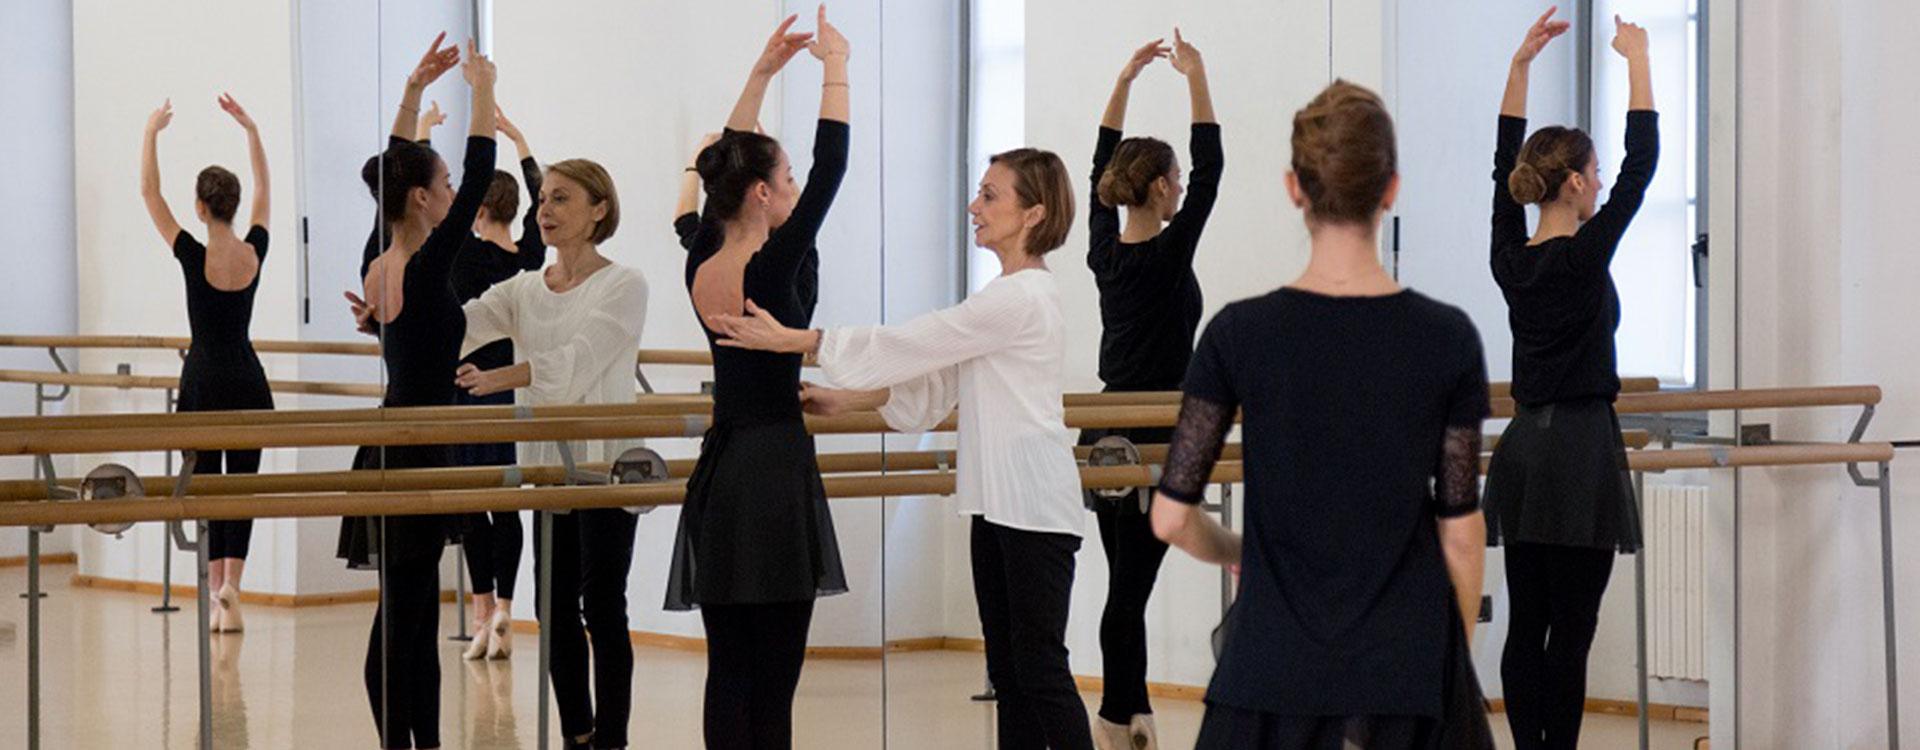 Corso insegnanti di danza - Biennio 2017/19